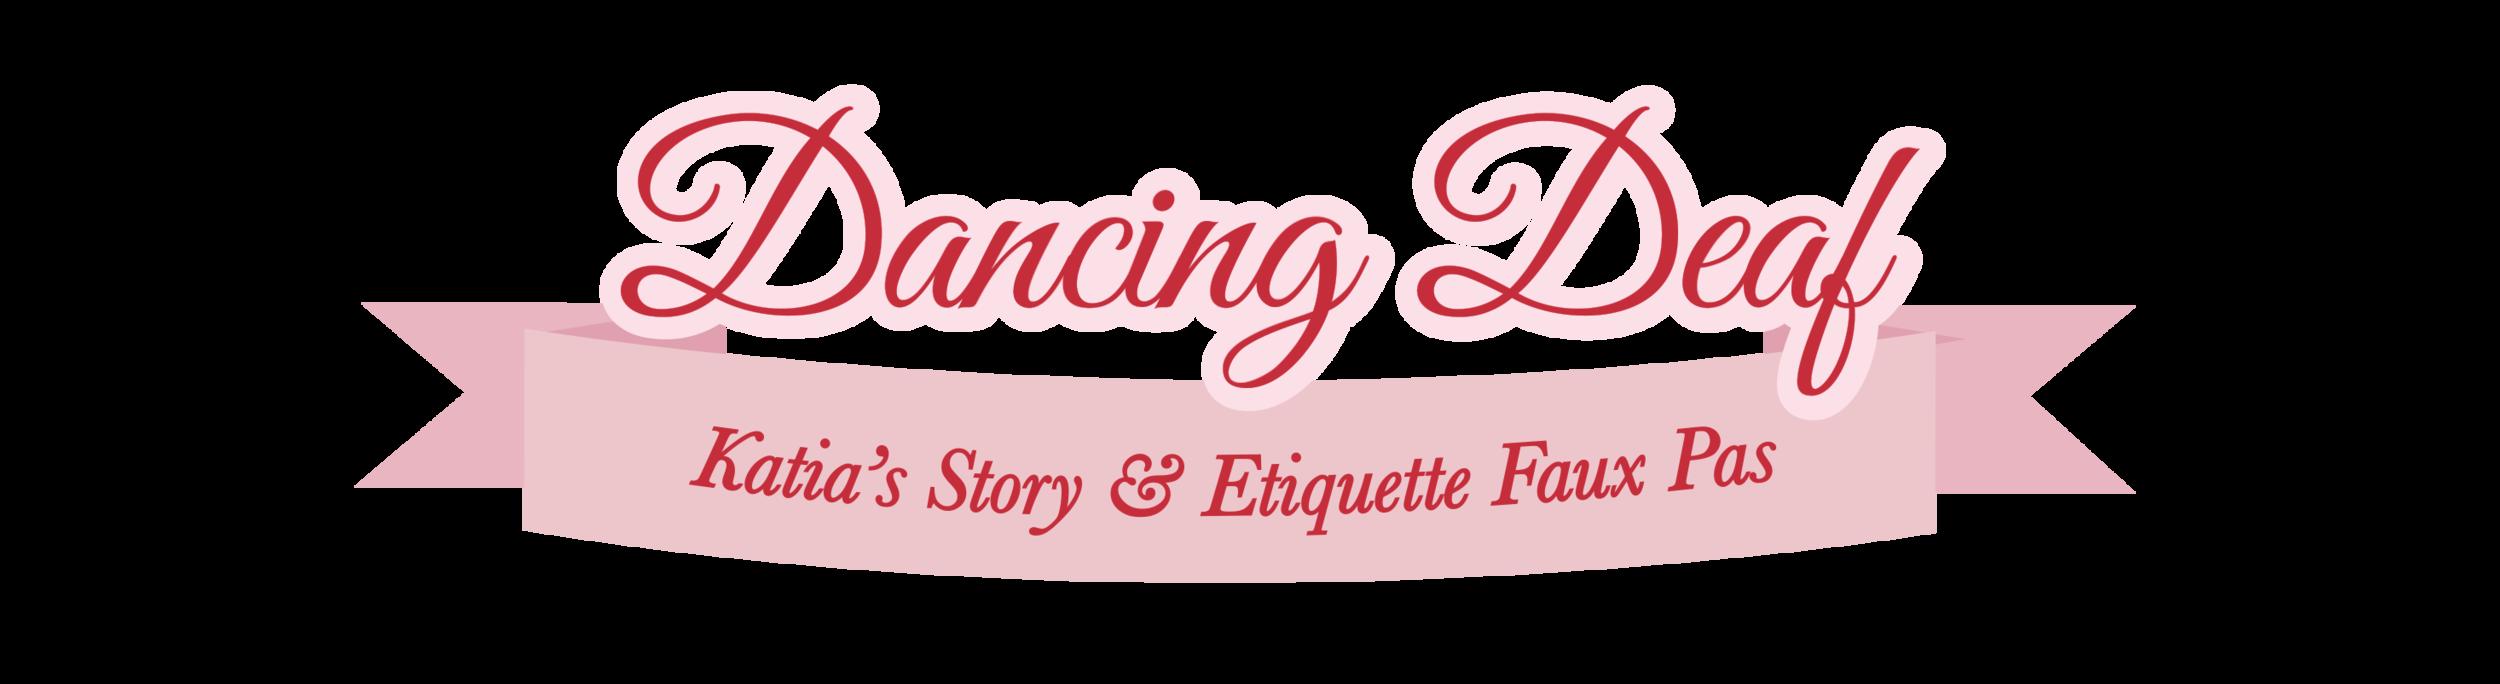 banner-dancingdeaf.png